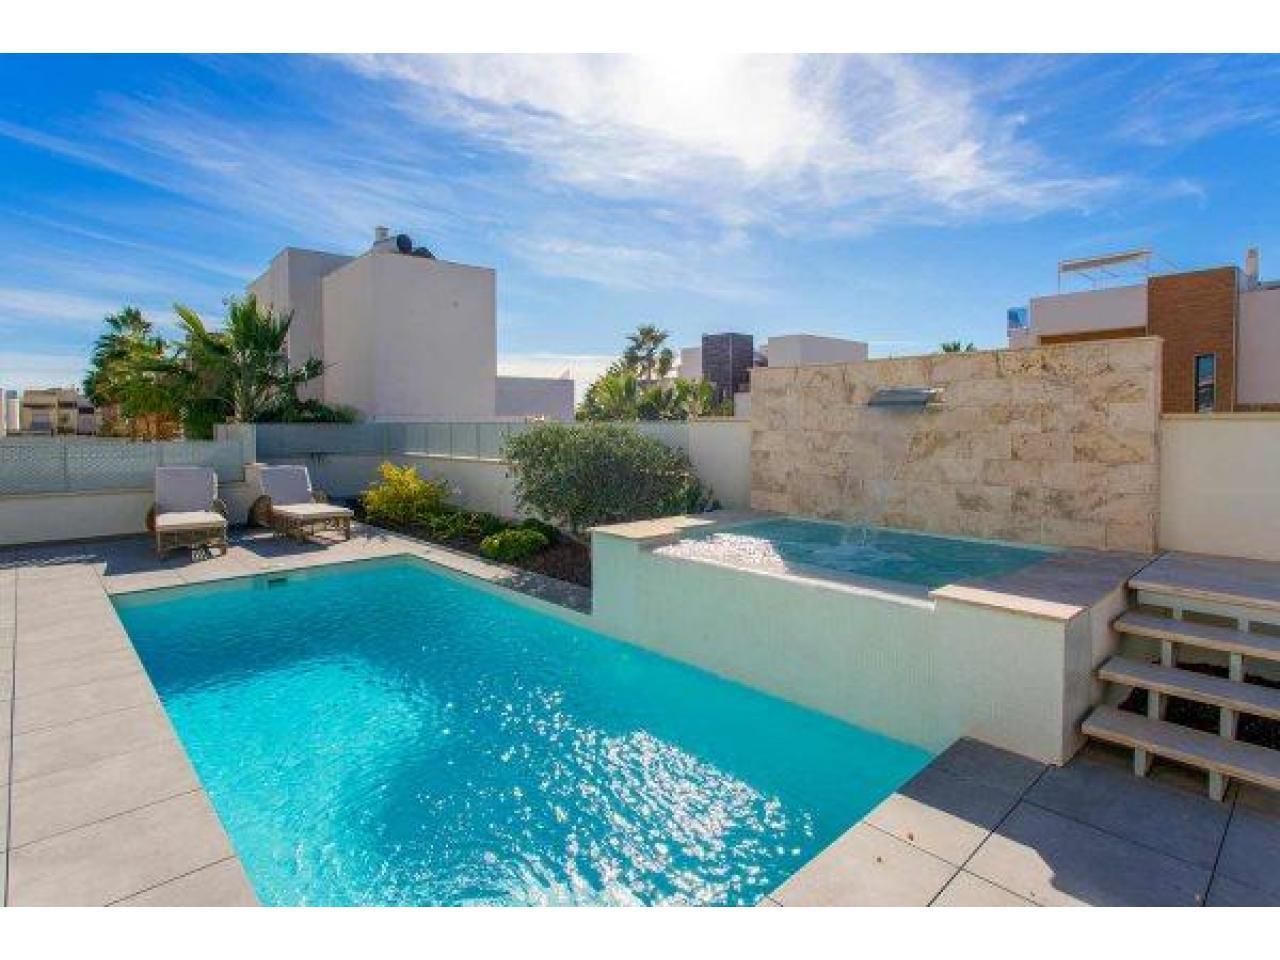 Недвижимость в Испании, Новая вилла рядом с пляжем от застройщика в Торревьеха,Коста Бланка,Испания - 4